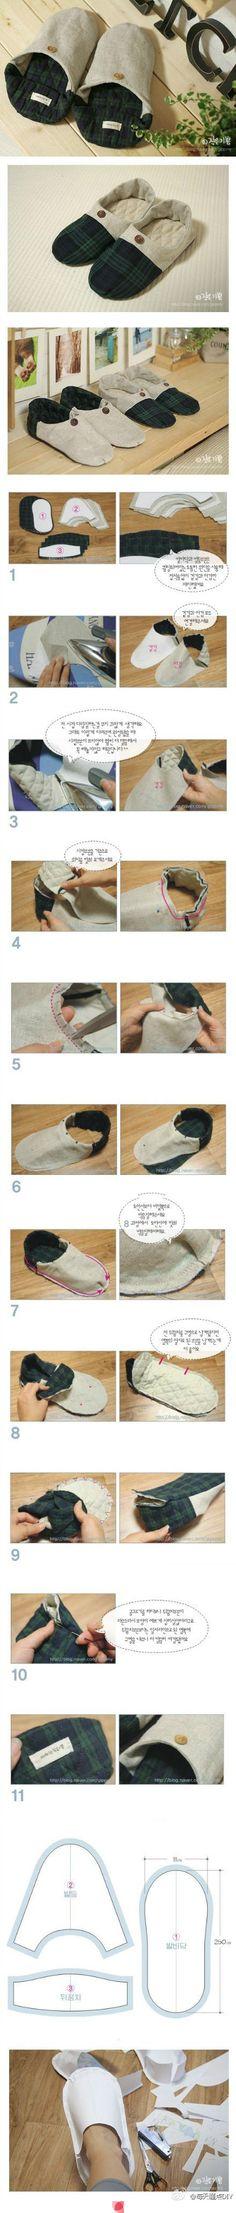 두가지 형태의 신발로 변신가능